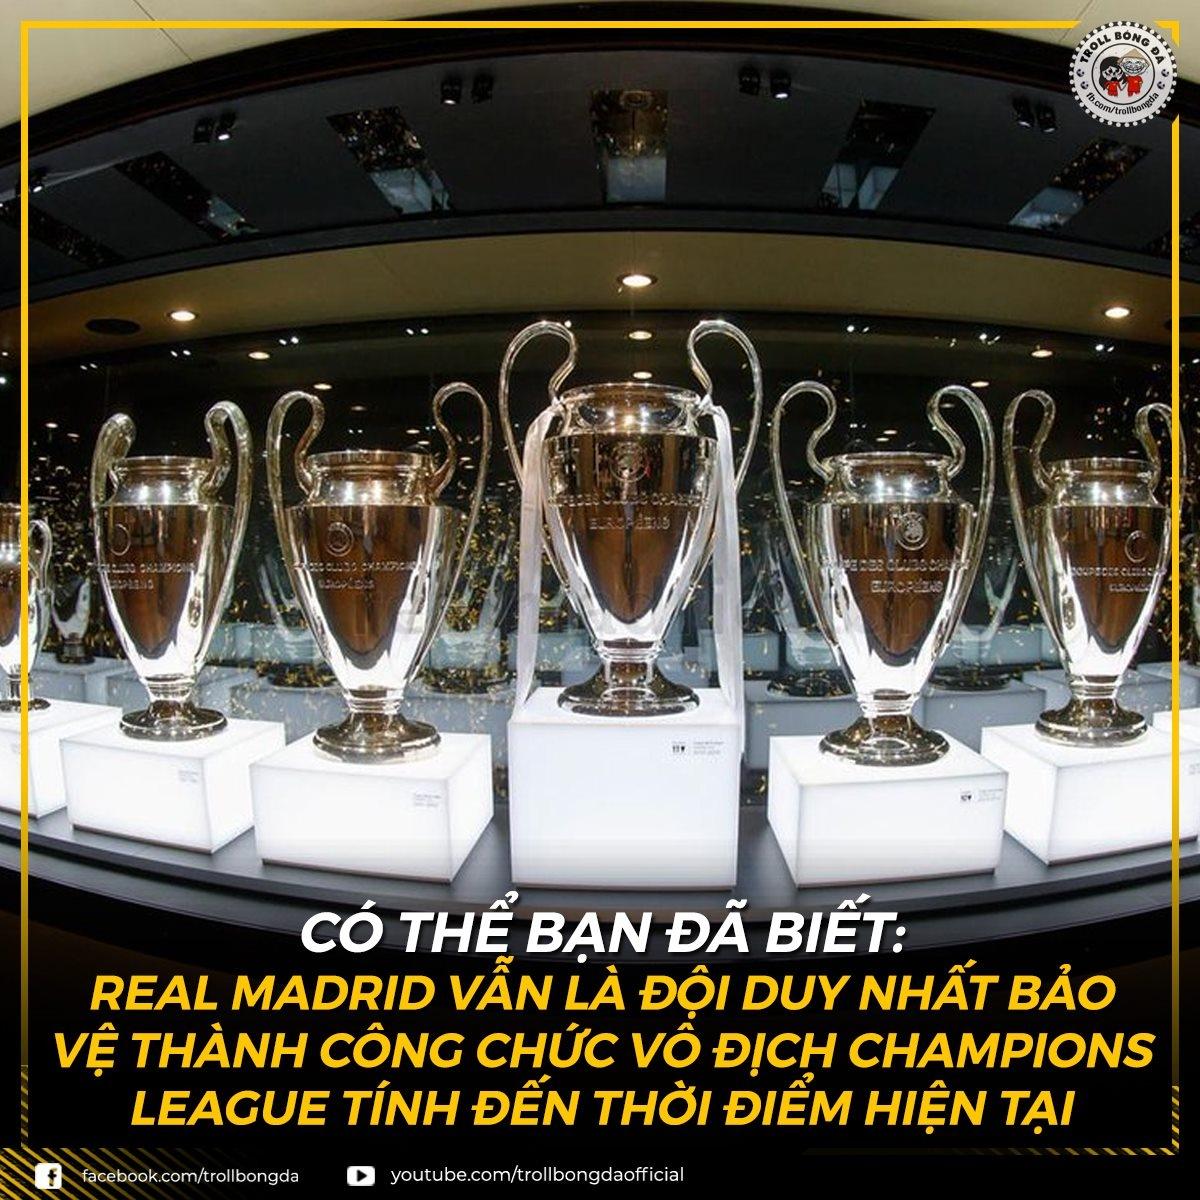 Real Madrid duy trì kỷ lục khó tin ở Champions League (Ảnh: Troll bóng đá).